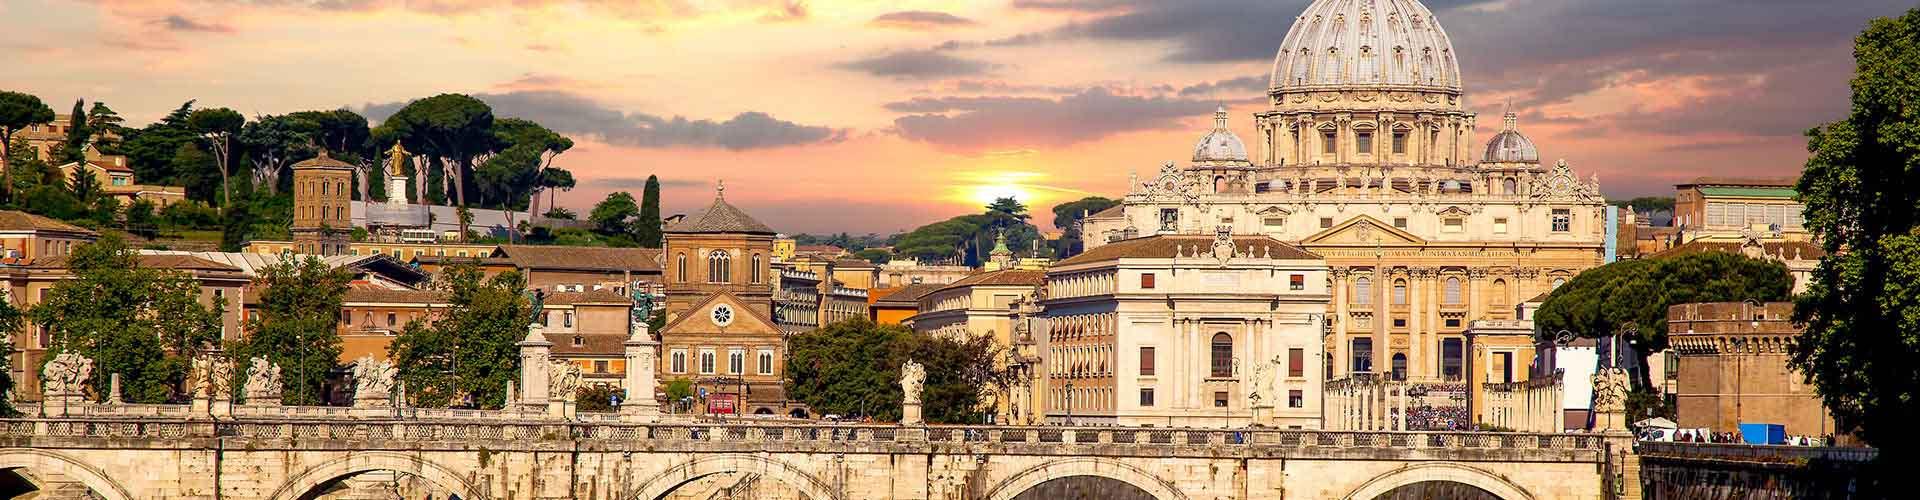 Rzym - Hostele w mieście: Rzym, Mapy: Rzym, Zdjęcia i Recenzje dla każdego hostelu w mieście Rzym.